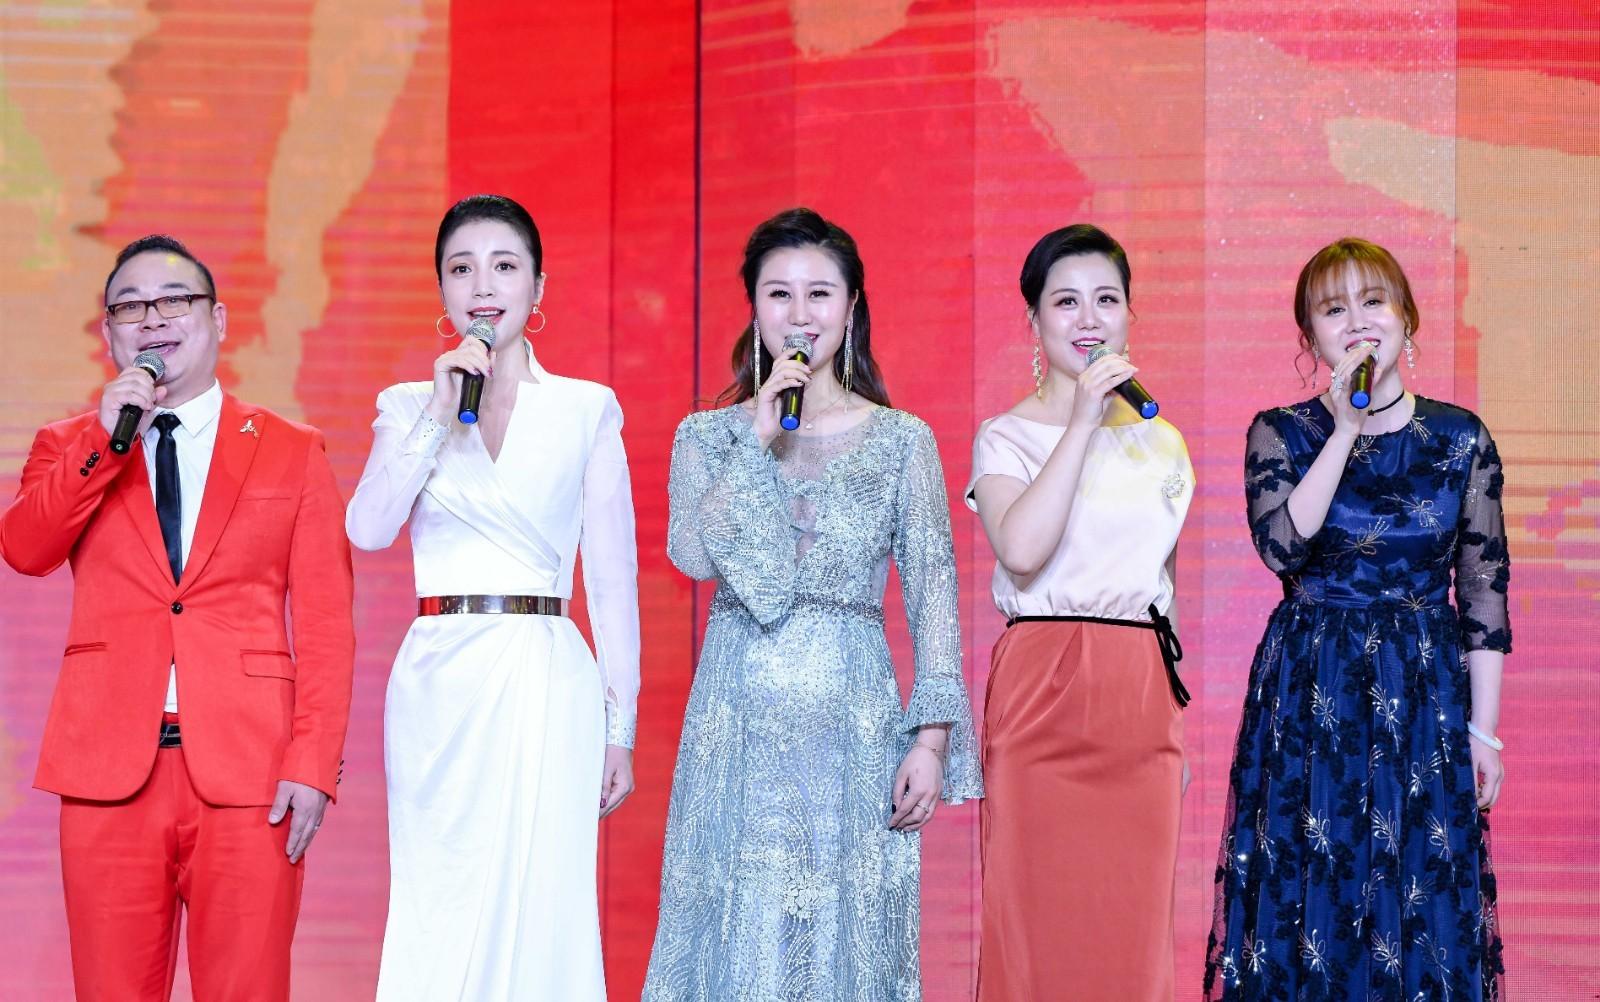 百花迎春2020年春节大联欢 压轴曲首邀胡启圣合唱《到人民中去》